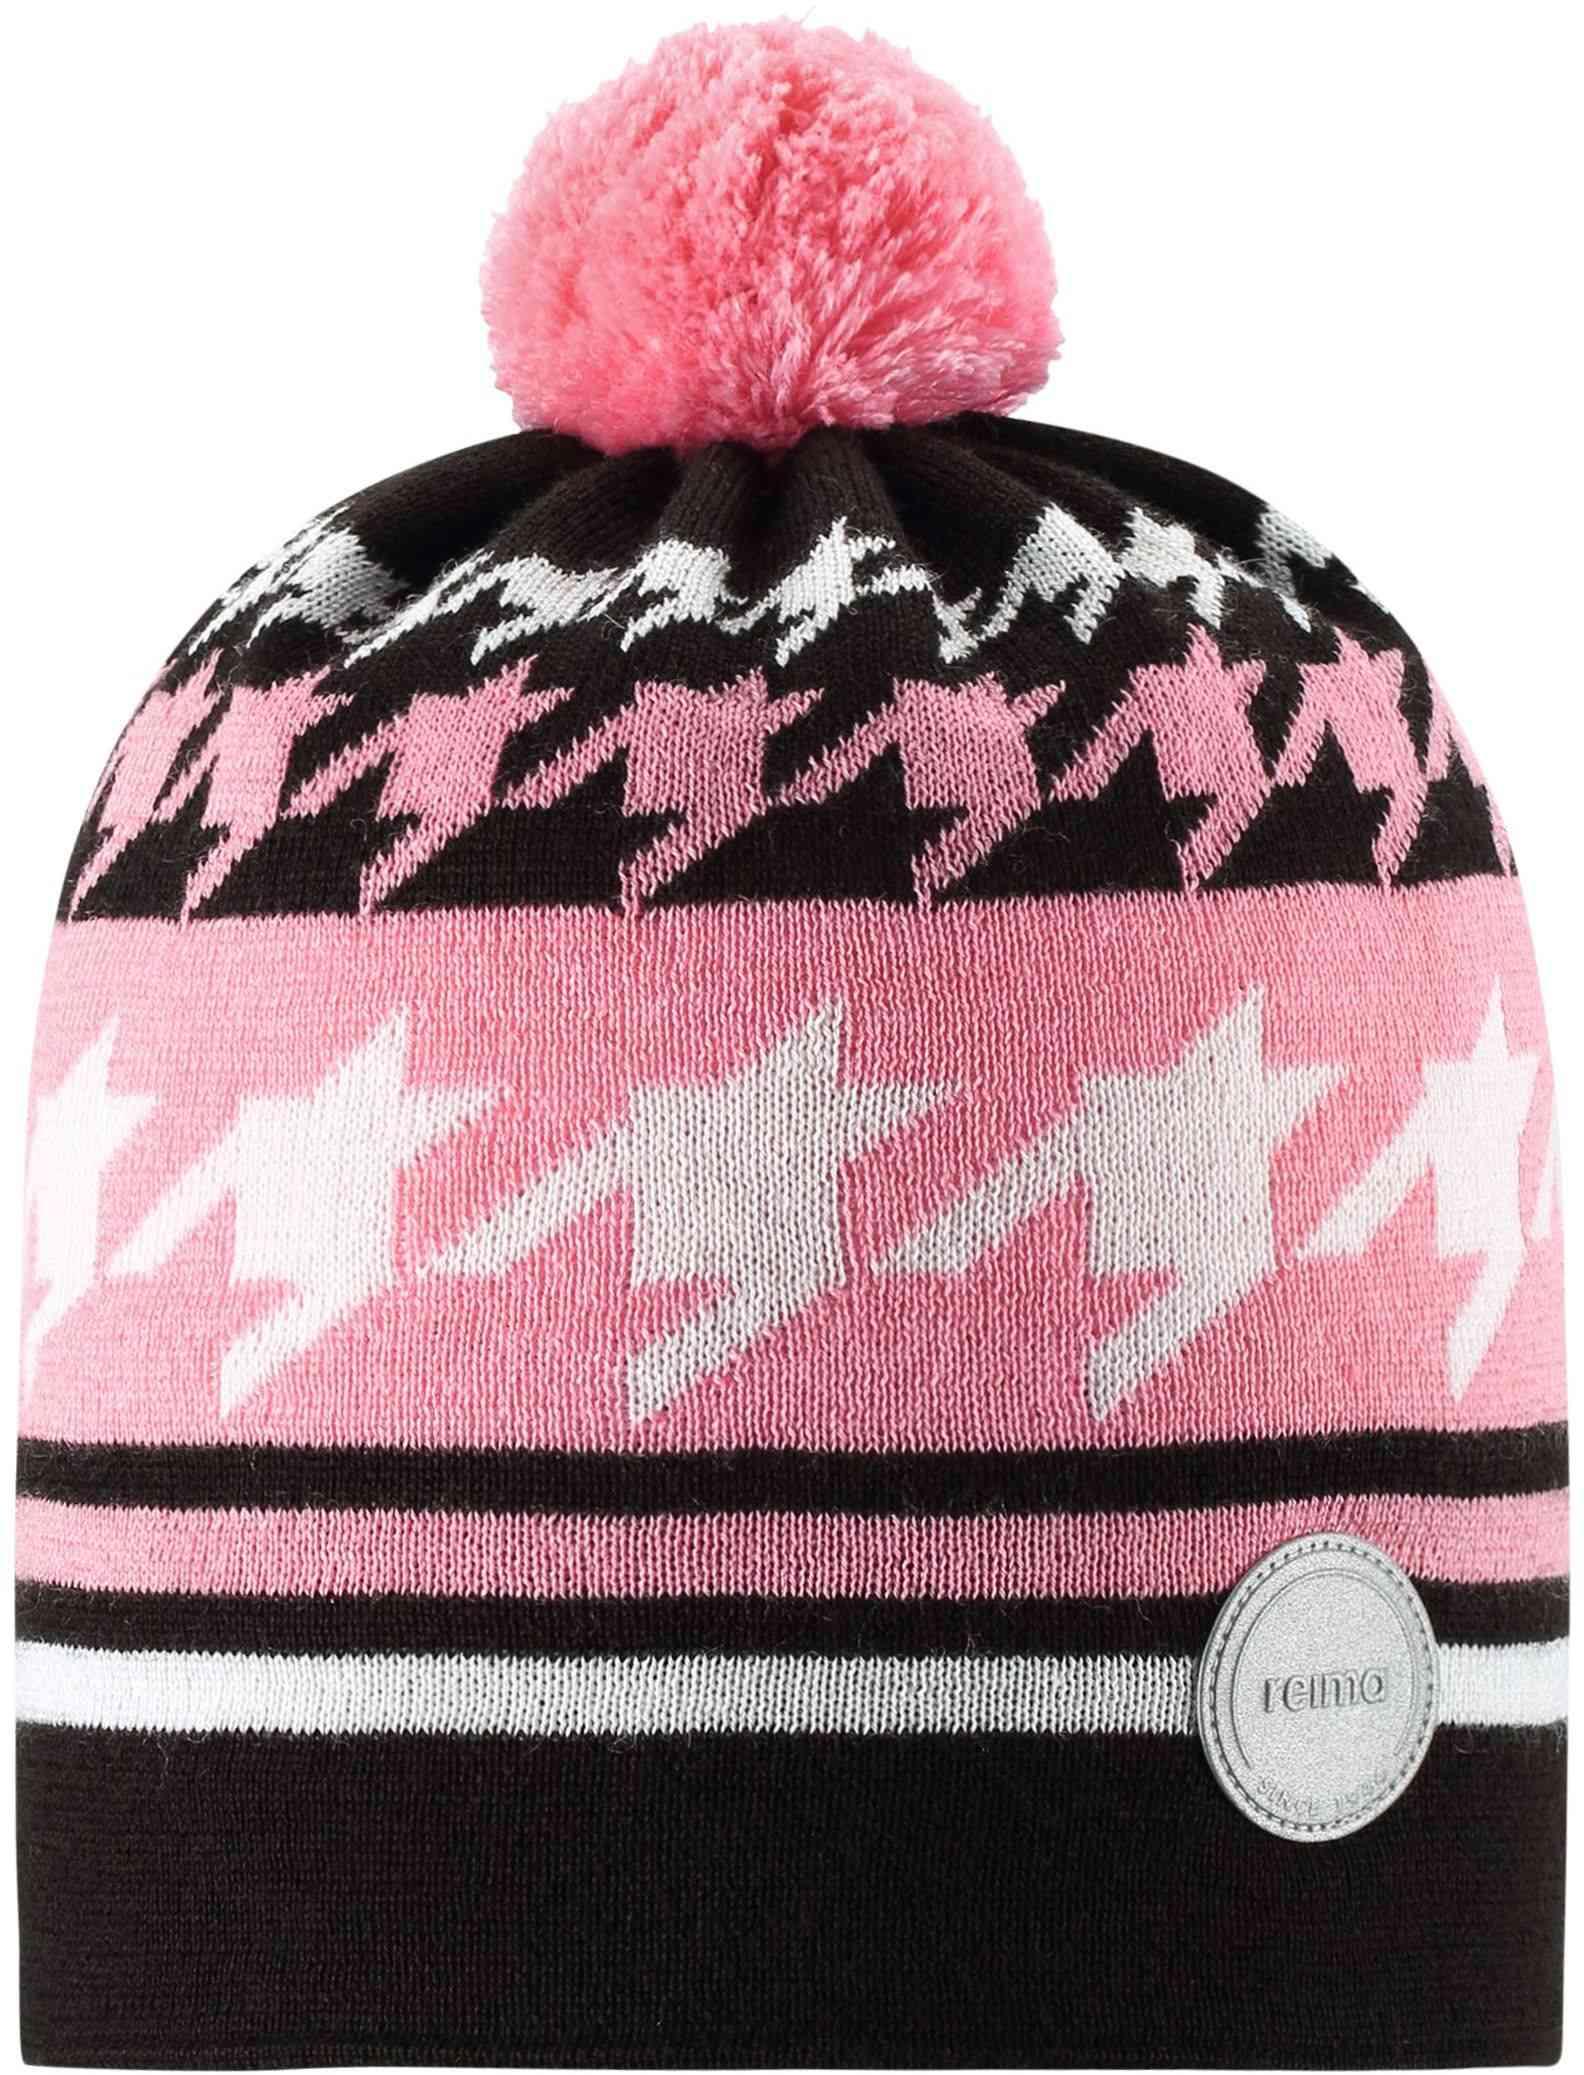 Reima Kohva Bubblegum Pink zimna ruzova ciapka pre dievca